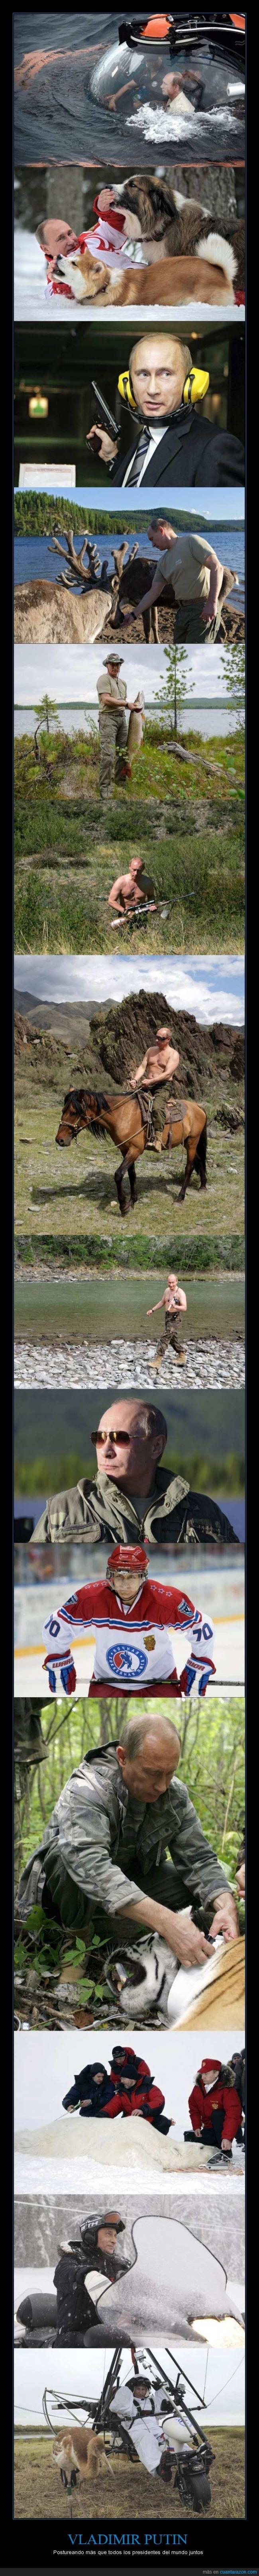 animal,el lucio tuvo menos suerte,james bond,oso y tigre de reserva pero no cazados,presidente,rusia,ruso,vladimir putin